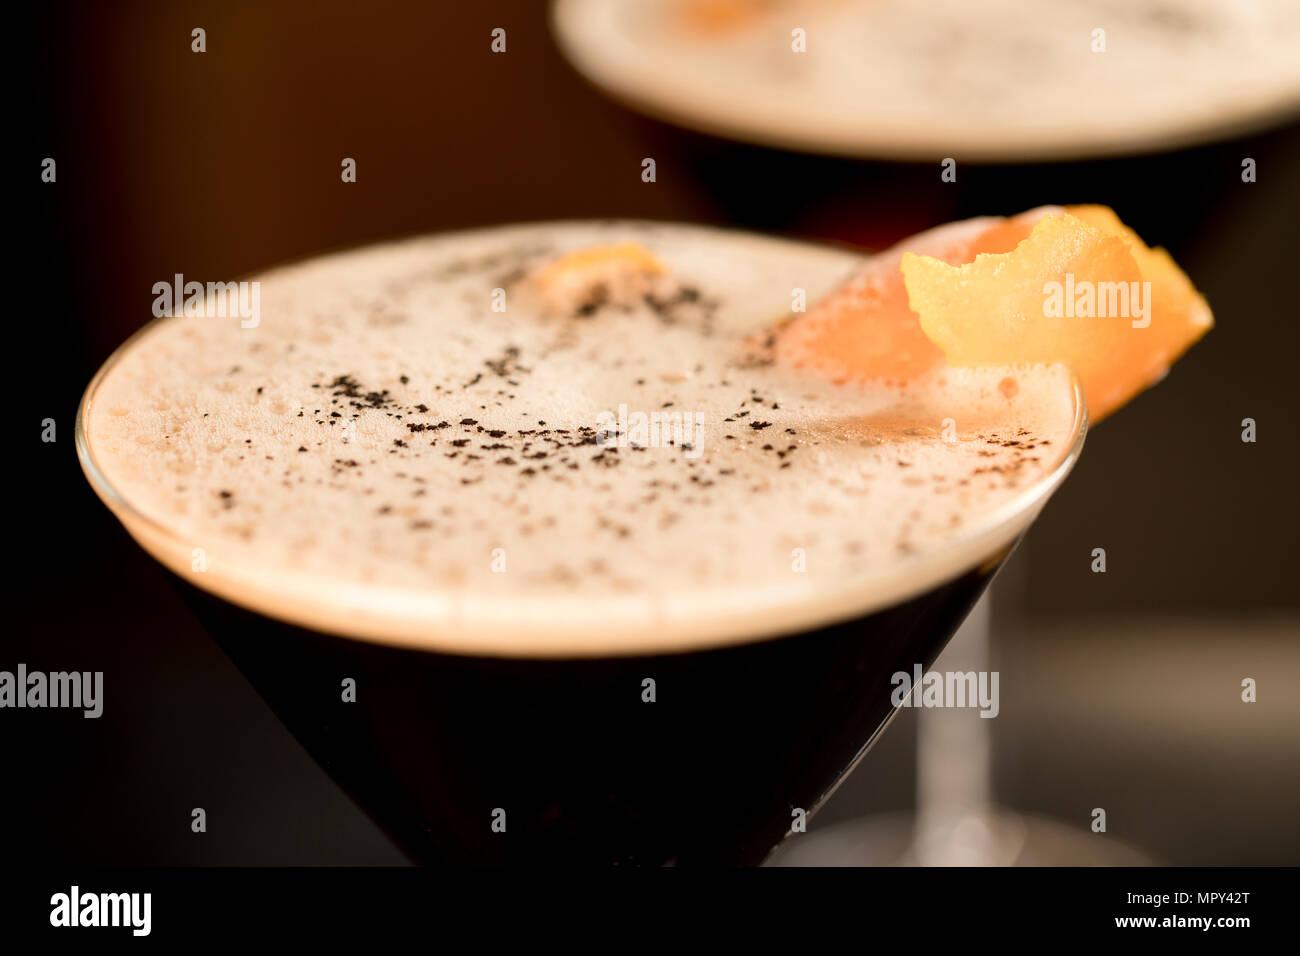 Close-up of cocktail servi dans un verre à martini Photo Stock